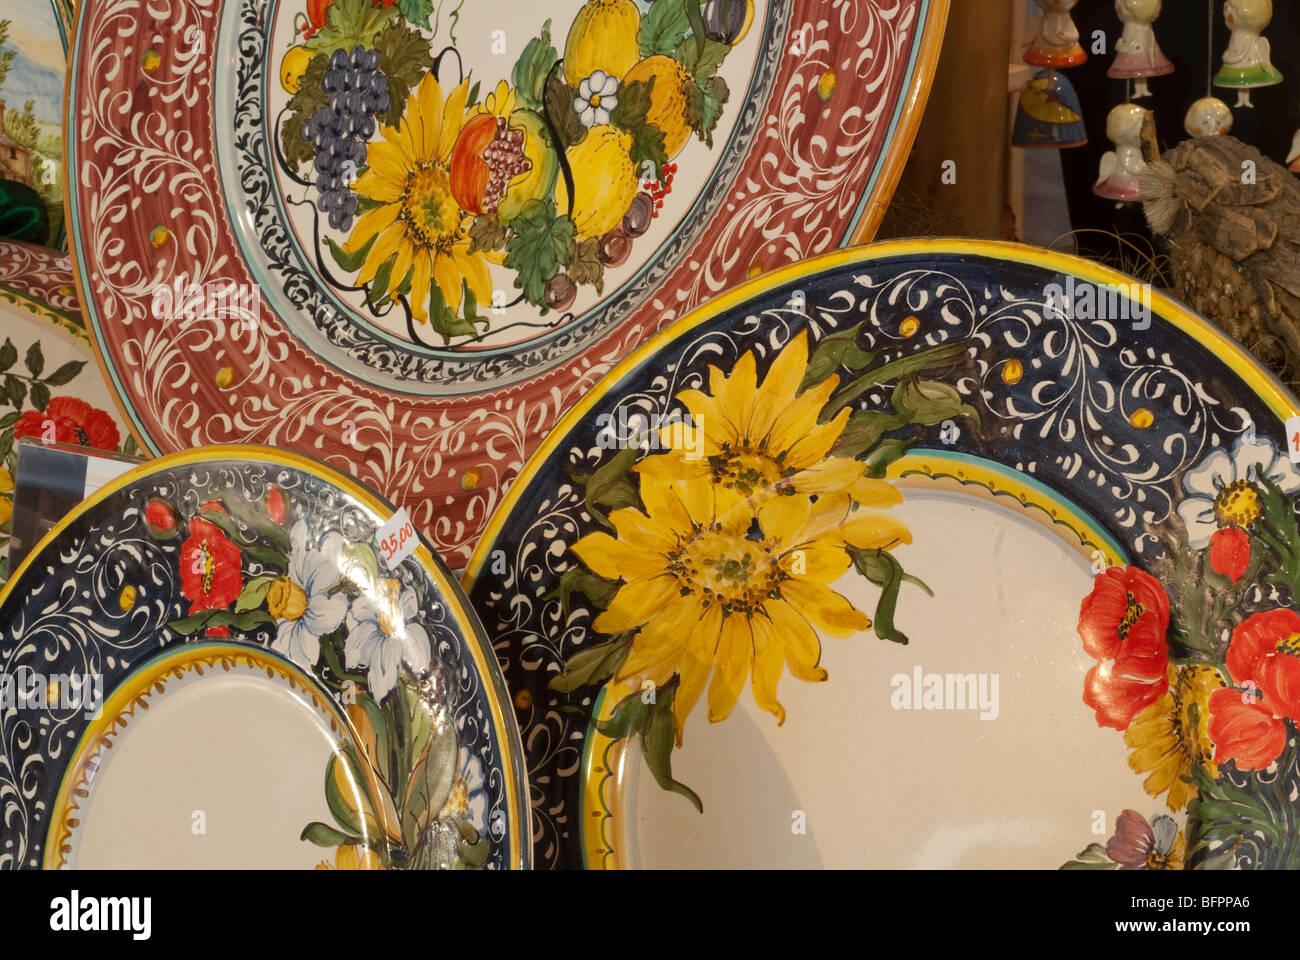 La céramique artistique italien de Castelli, petite ville dans les Abruzzes, Italie Photo Stock